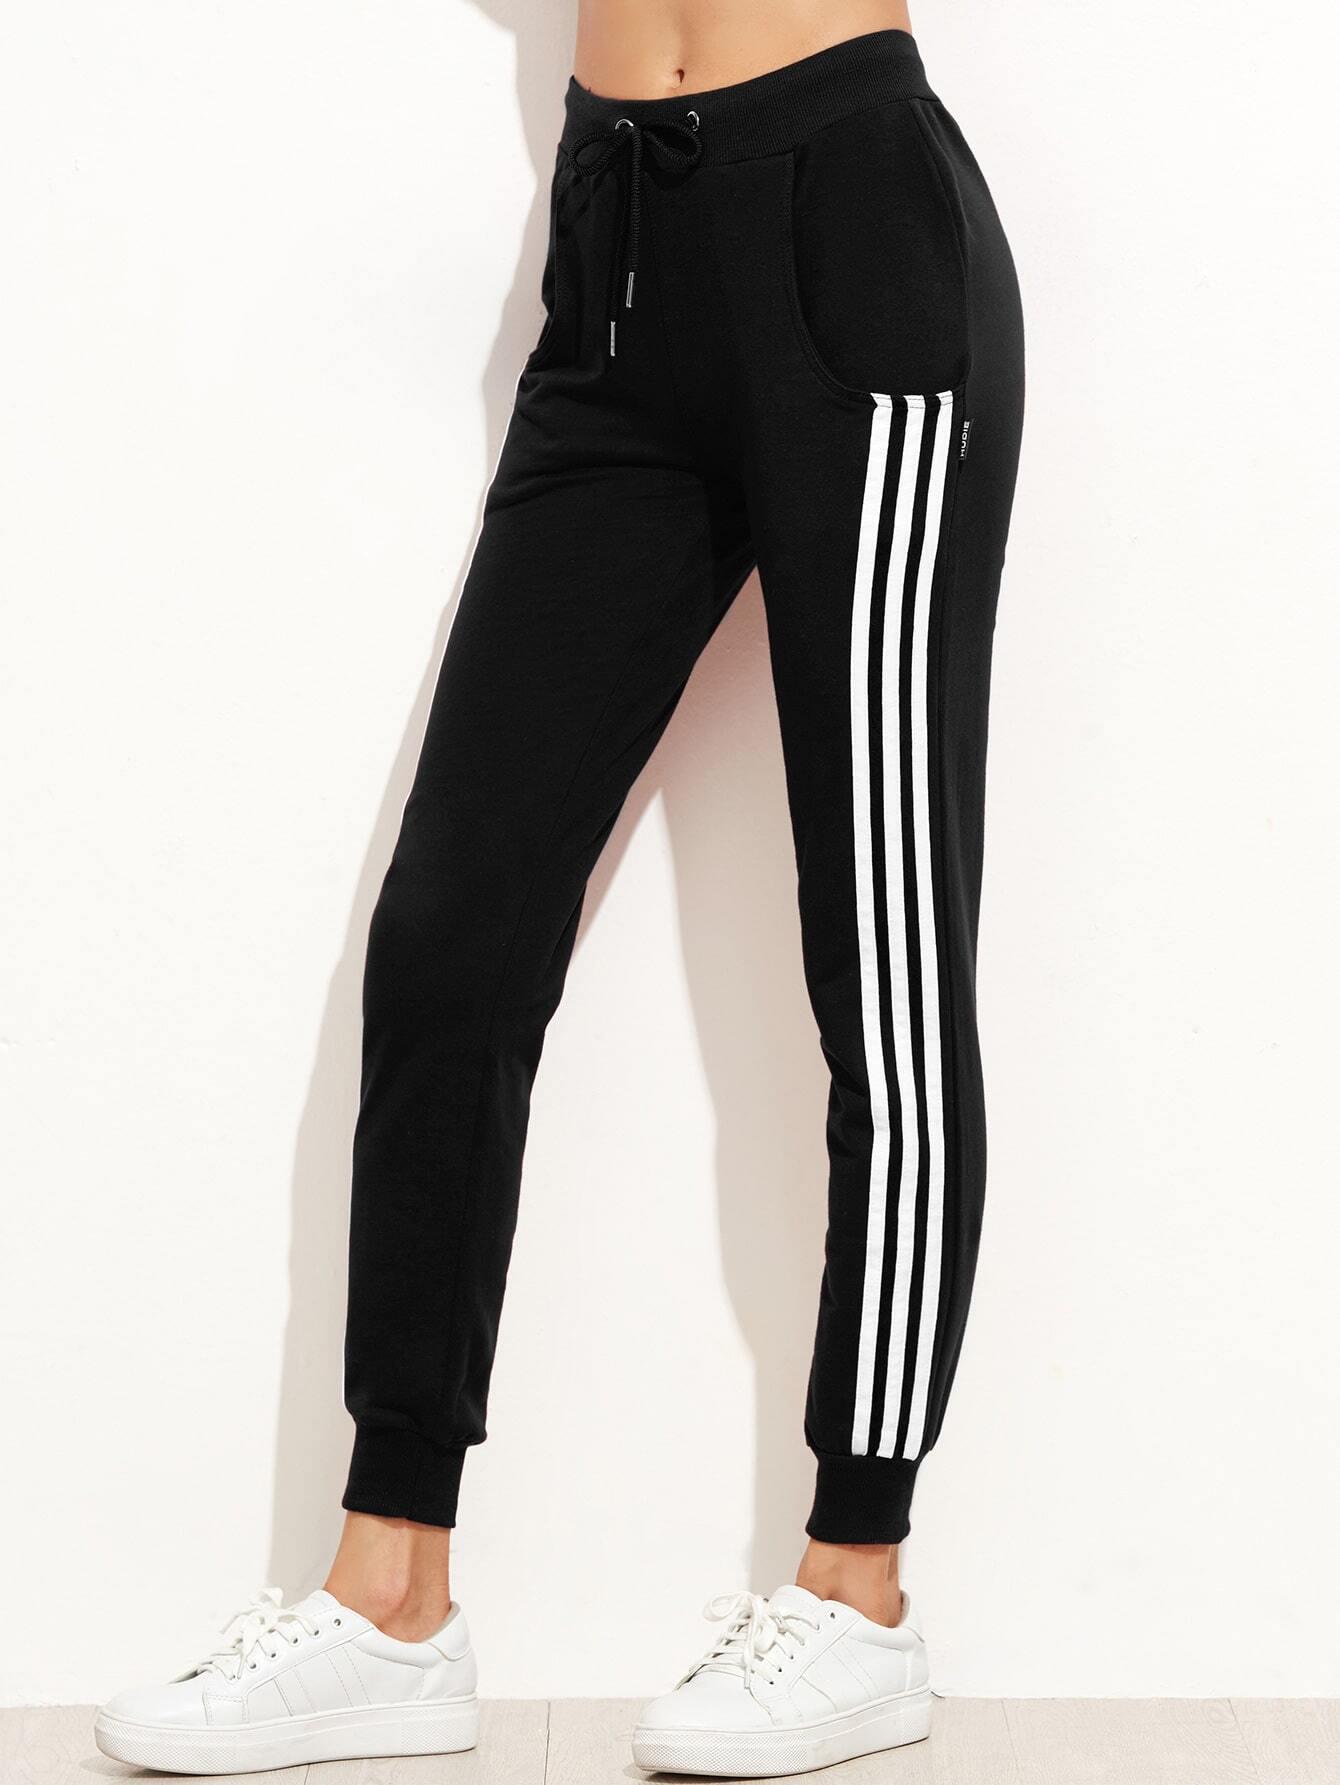 Puma Side Stripe Leggings - / / - Womens Grey Outlet Store Online YNivH